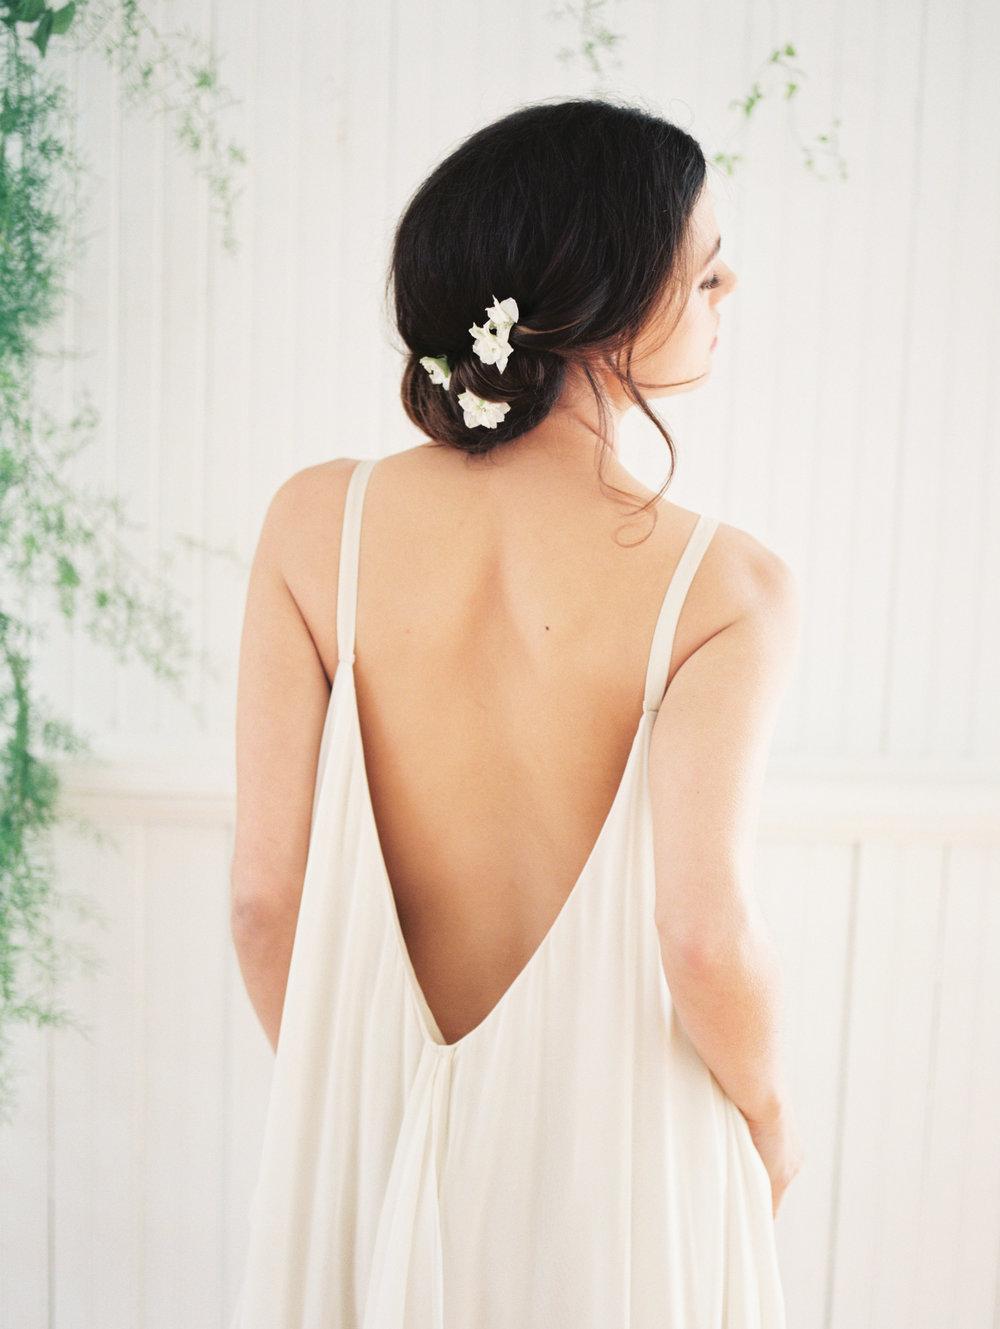 simple flowers in bride's hair.jpg